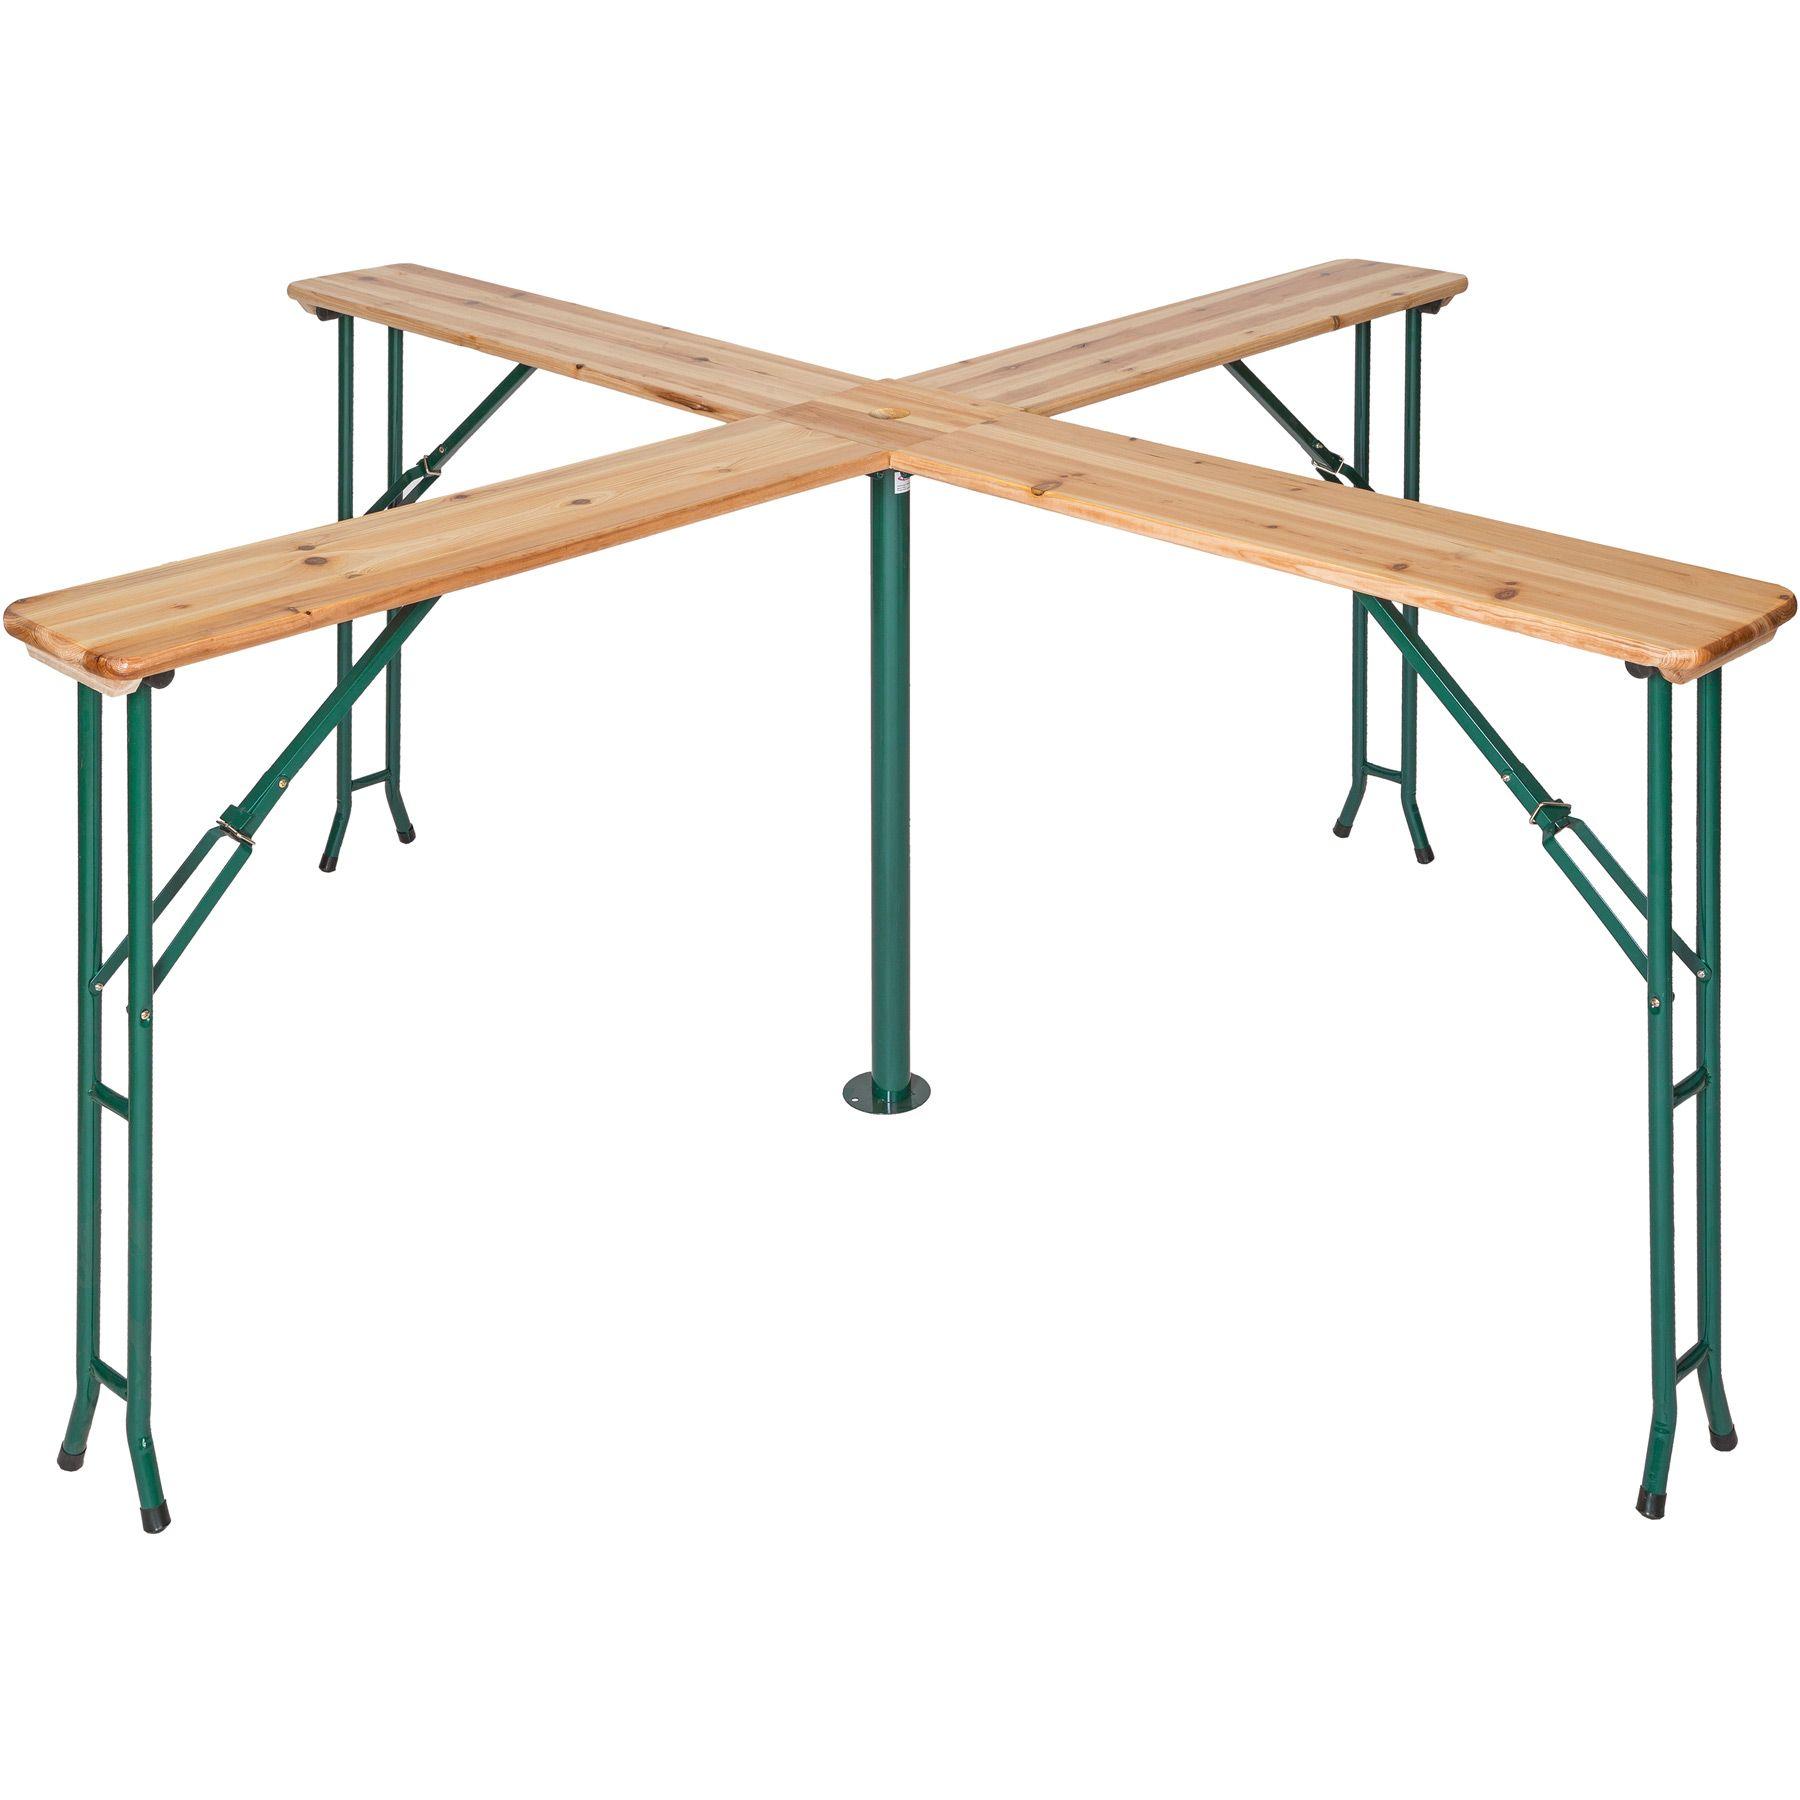 Sur Bois De Avec Détails Parasol Jardin Haute Pliable Bar Porte Brasserie Quattro Table kXNn0OP8w